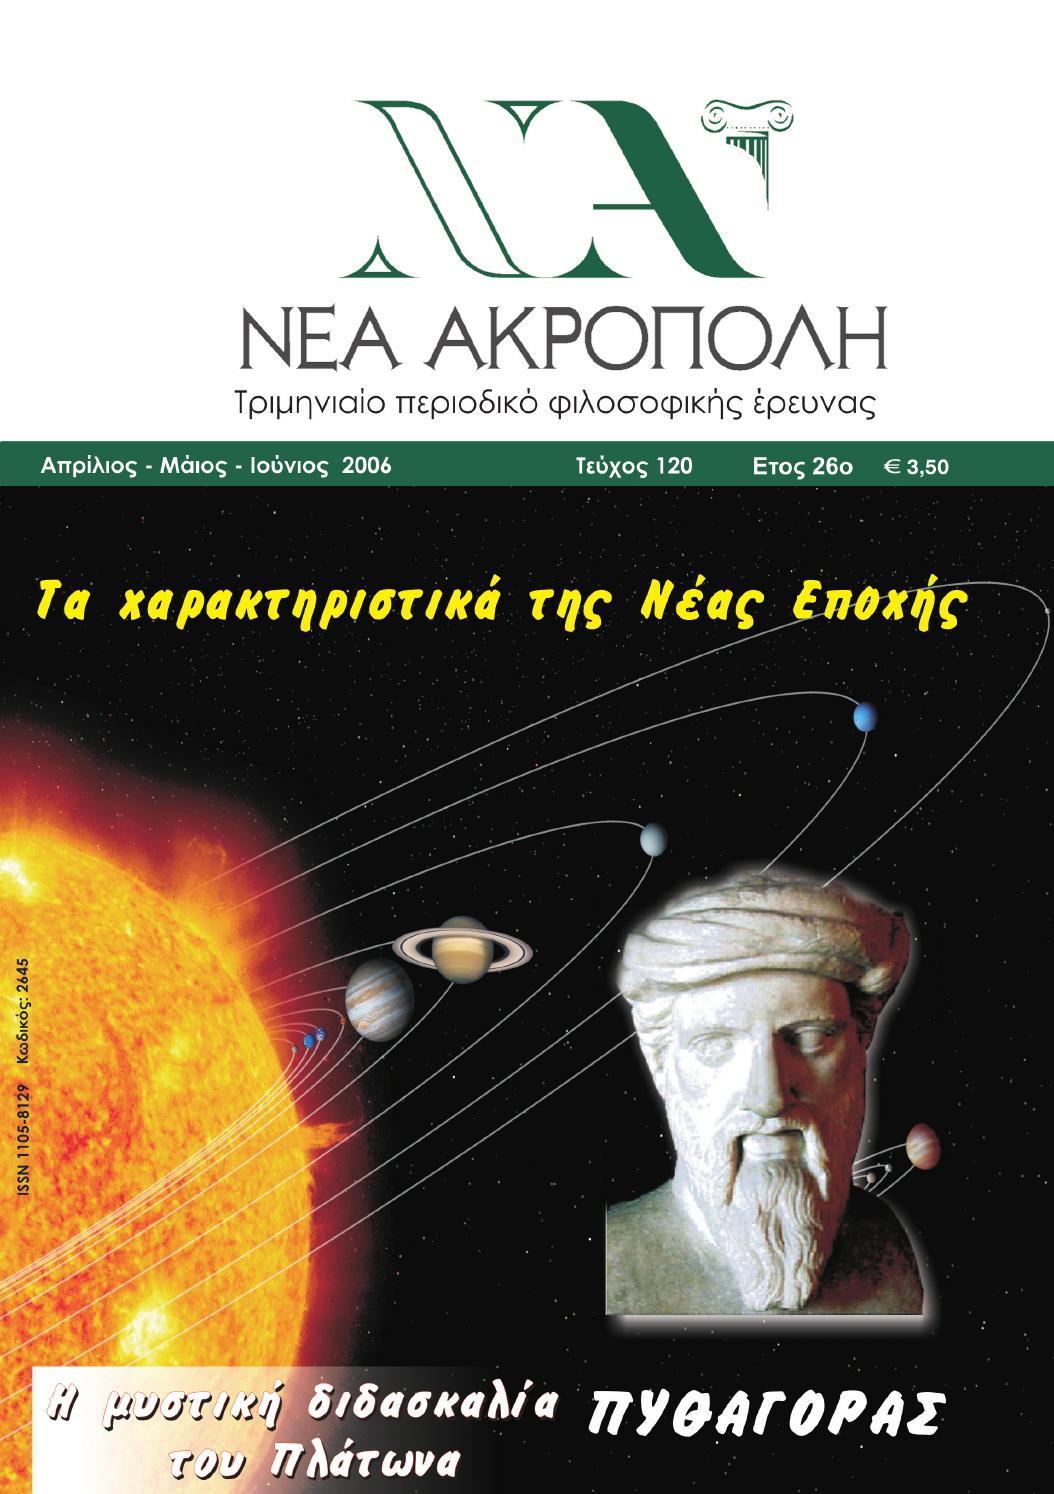 Χριστιανικά περιοδικά γνωριμιών